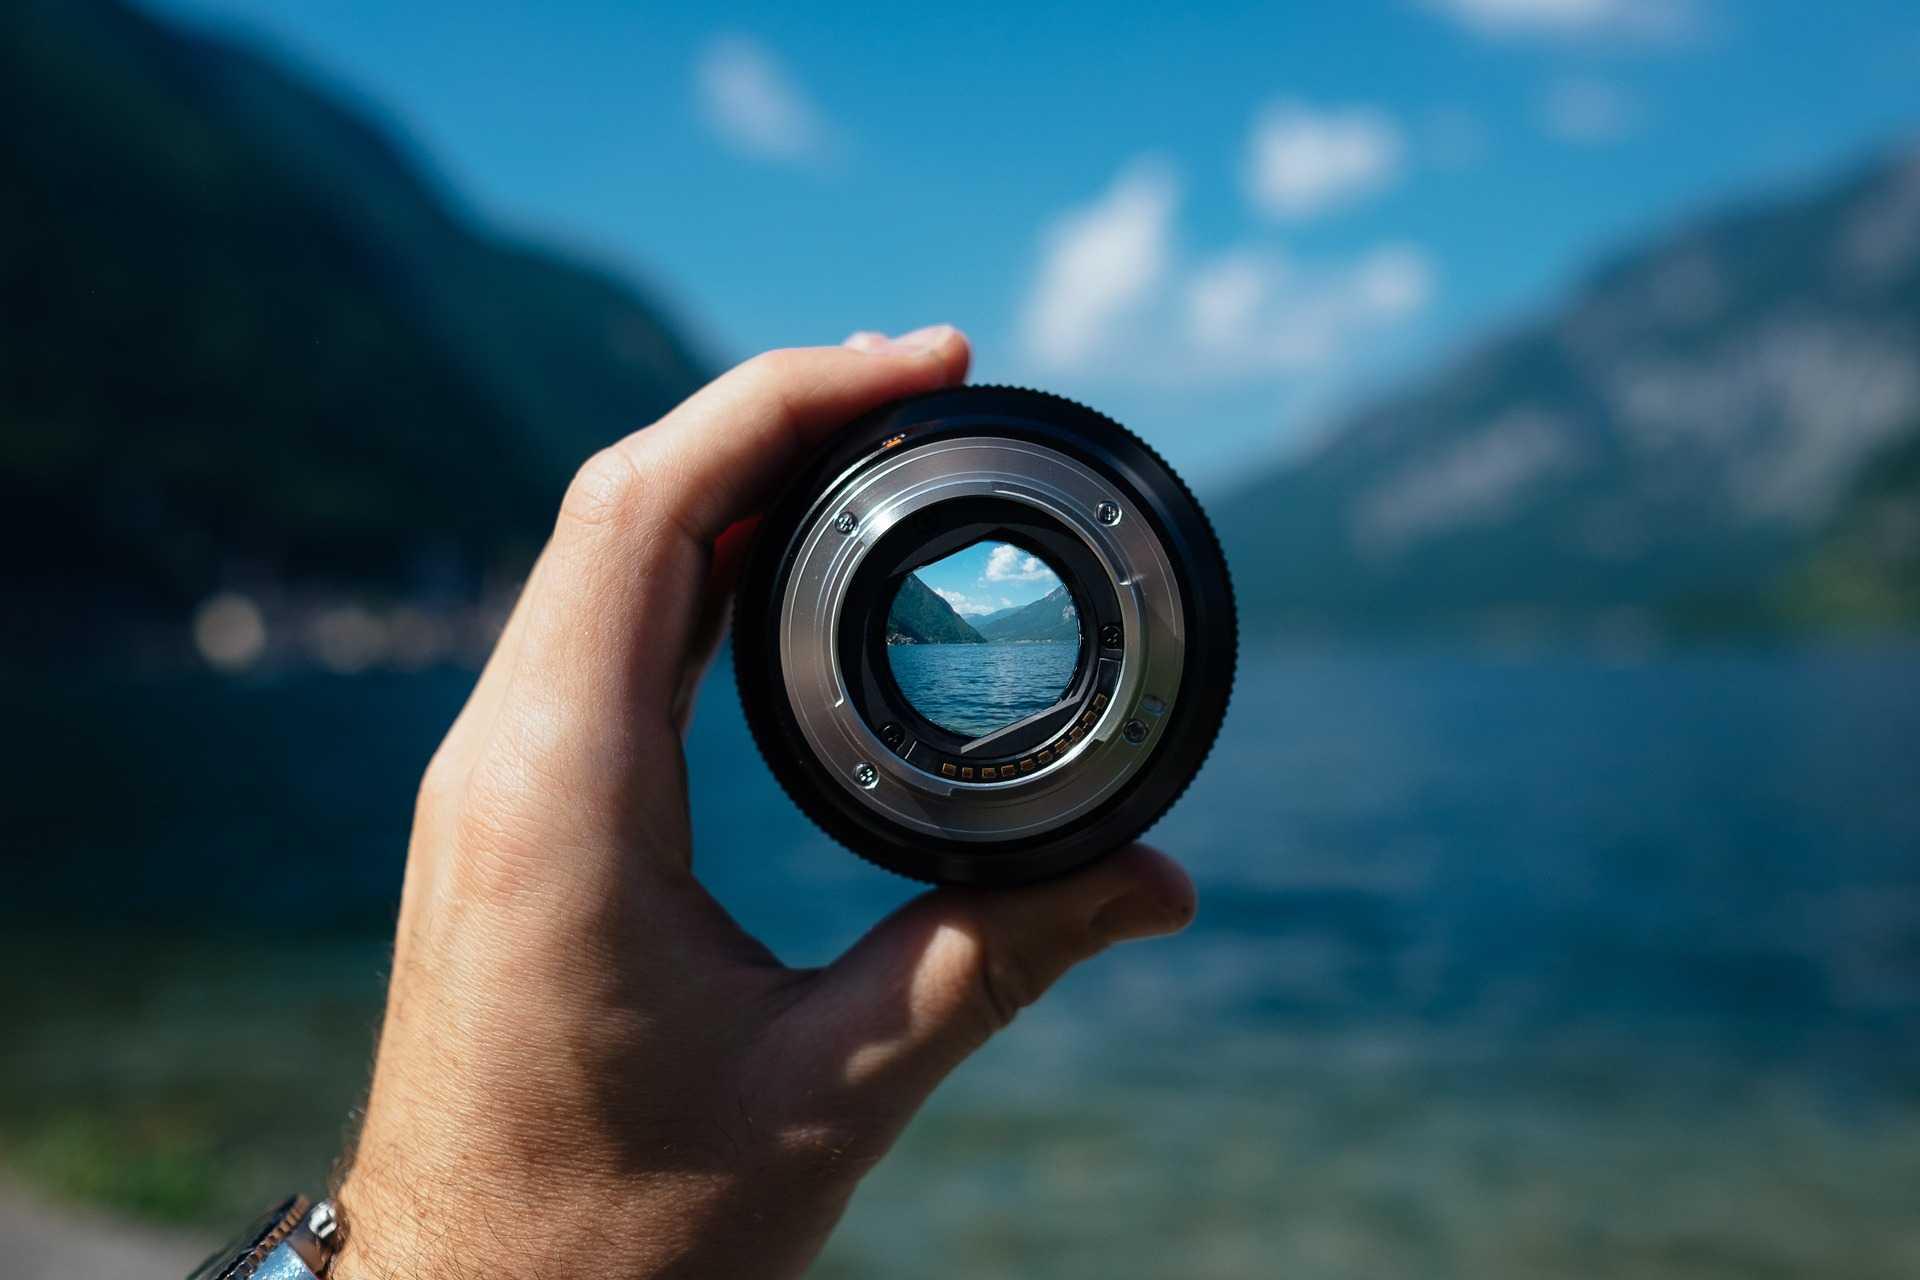 ההתמקדות עוזרת בקבלת החלטות, בהתמודדות עם הצפה רגשית או בלבול, וכשהגוף מבקש מקום אינטימי, טבעי ופשוט, לנוע בו, לבקש, להביע, להיות בקשר.